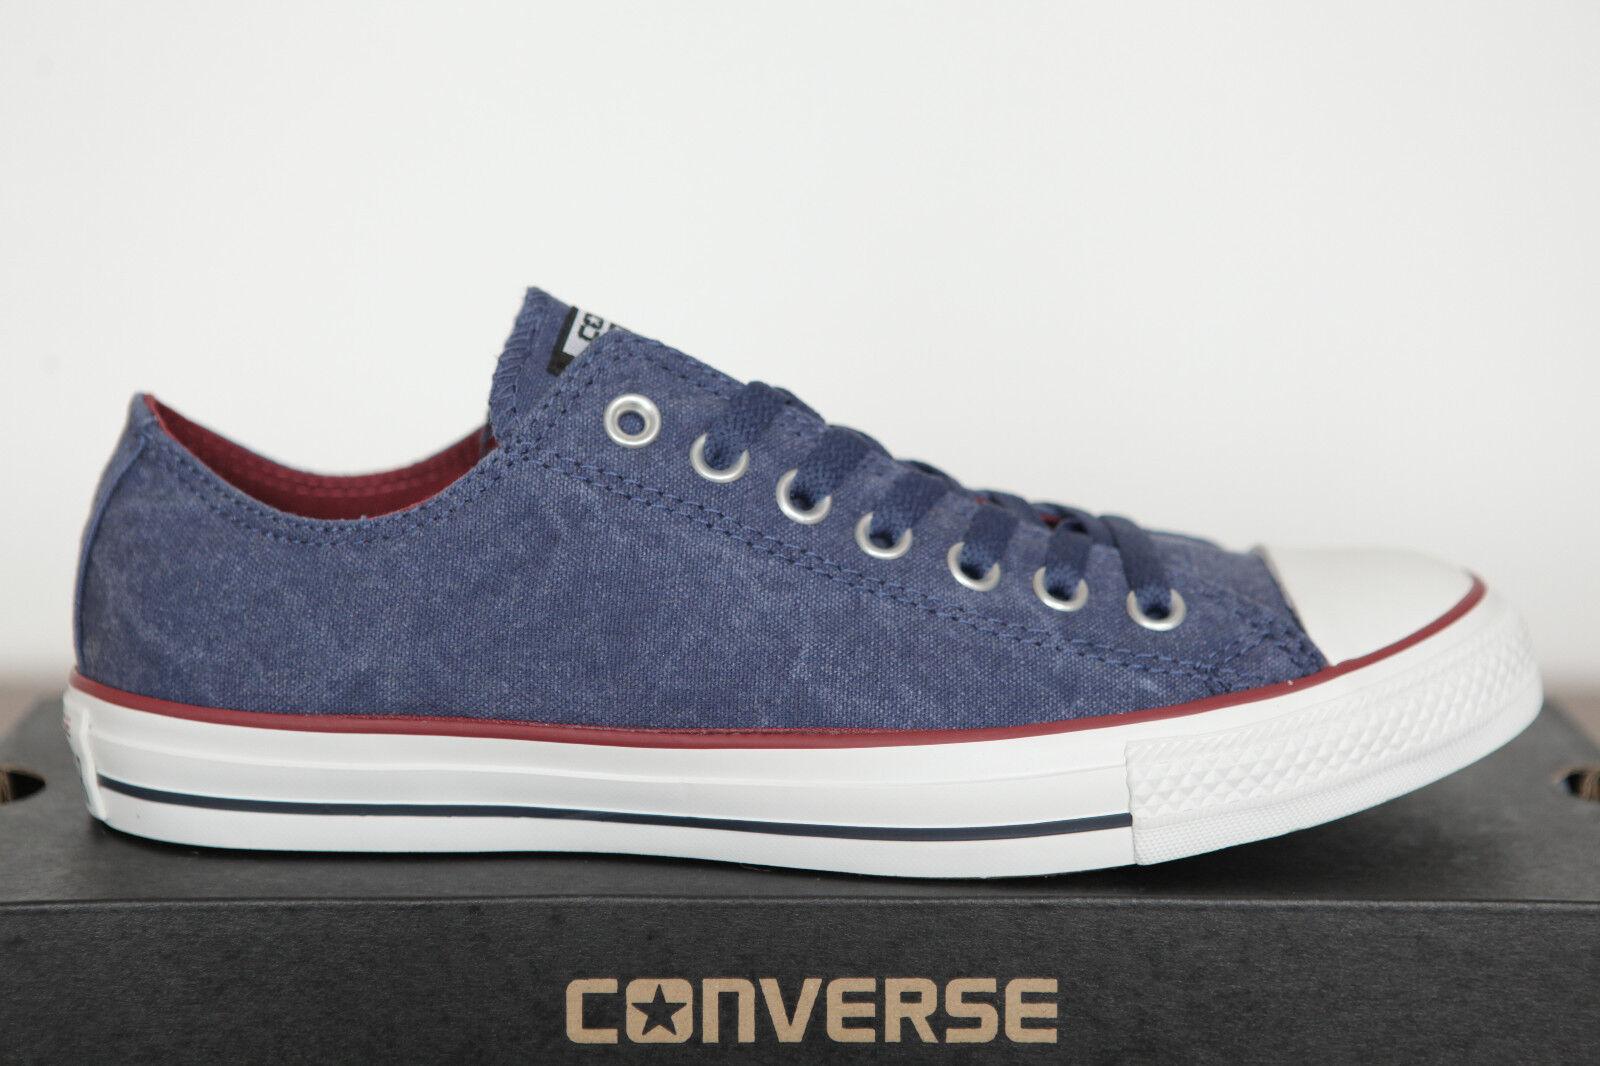 NUEVO ALL STAR CONVERSE CHUCKS Low Can Zapatillas Ensign Azul Lavado 142235c